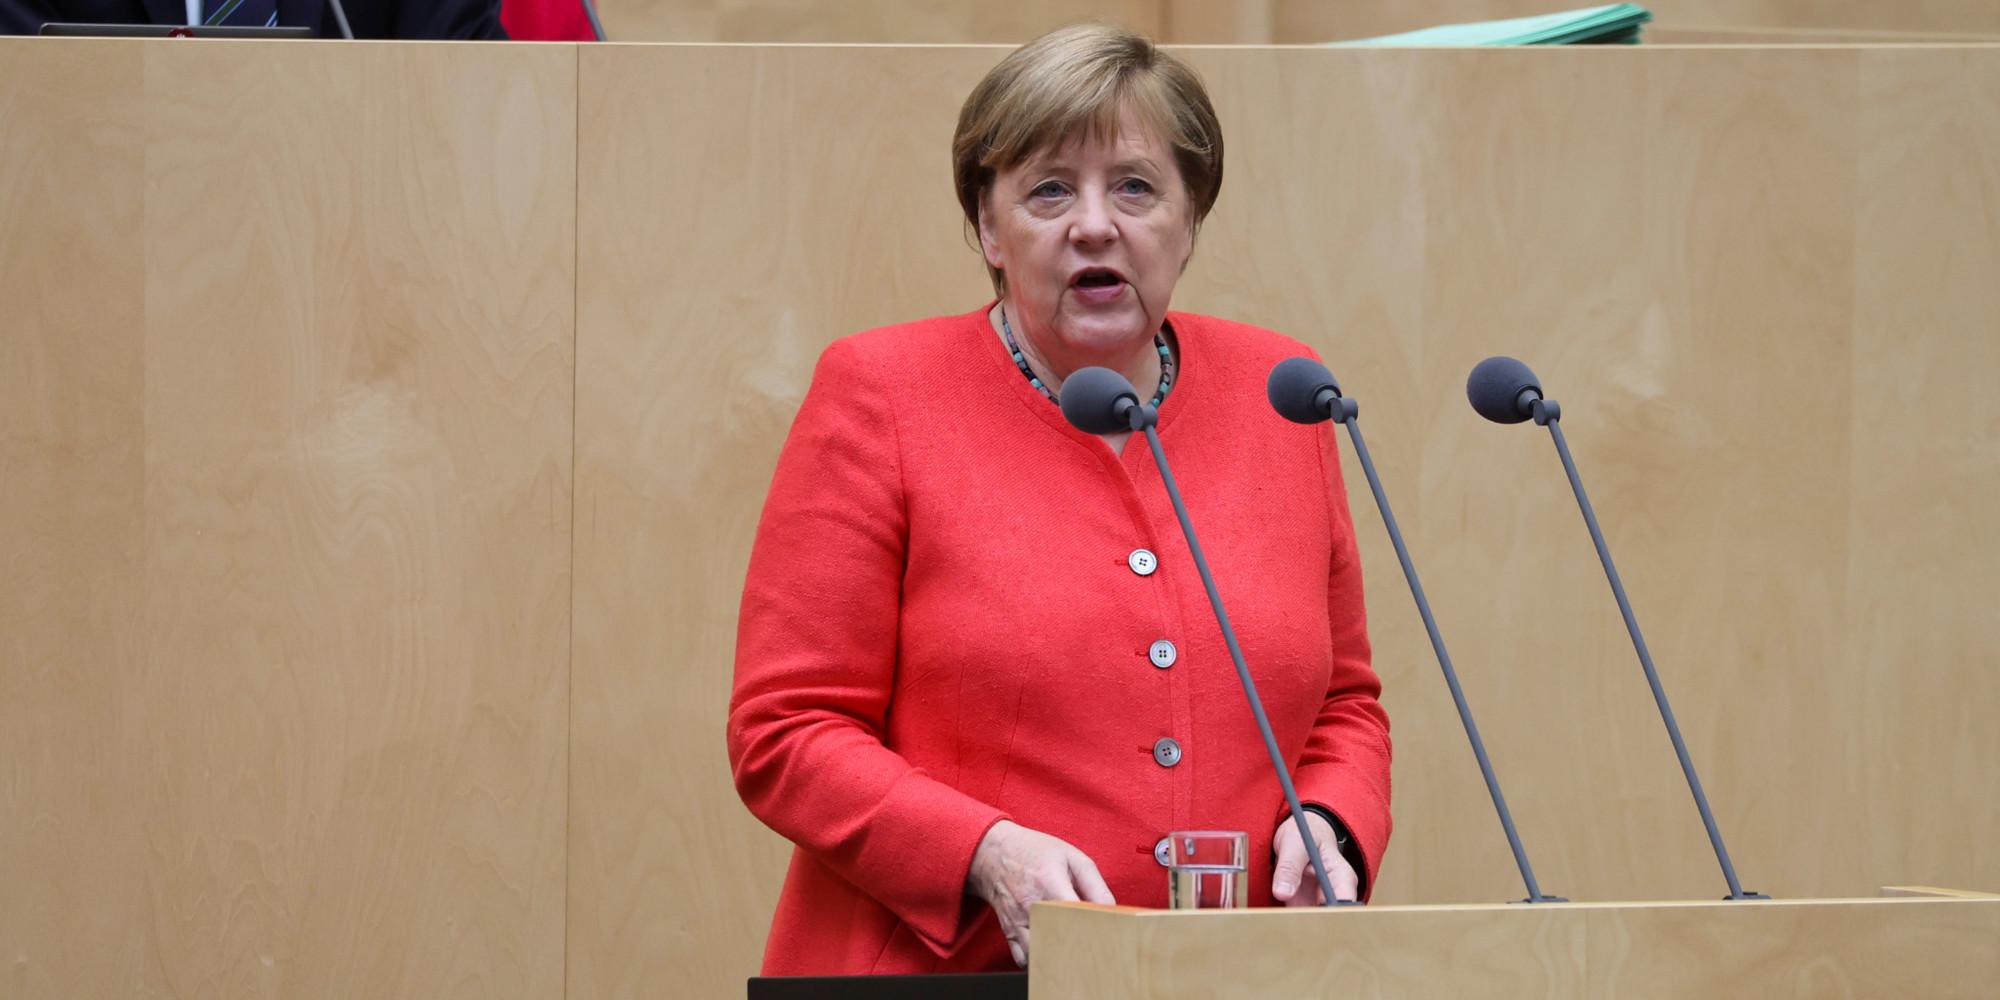 Emprunt, Green Deal, Brexit : Angela Merkel présente le programme de sa présidence de l'Union européenne